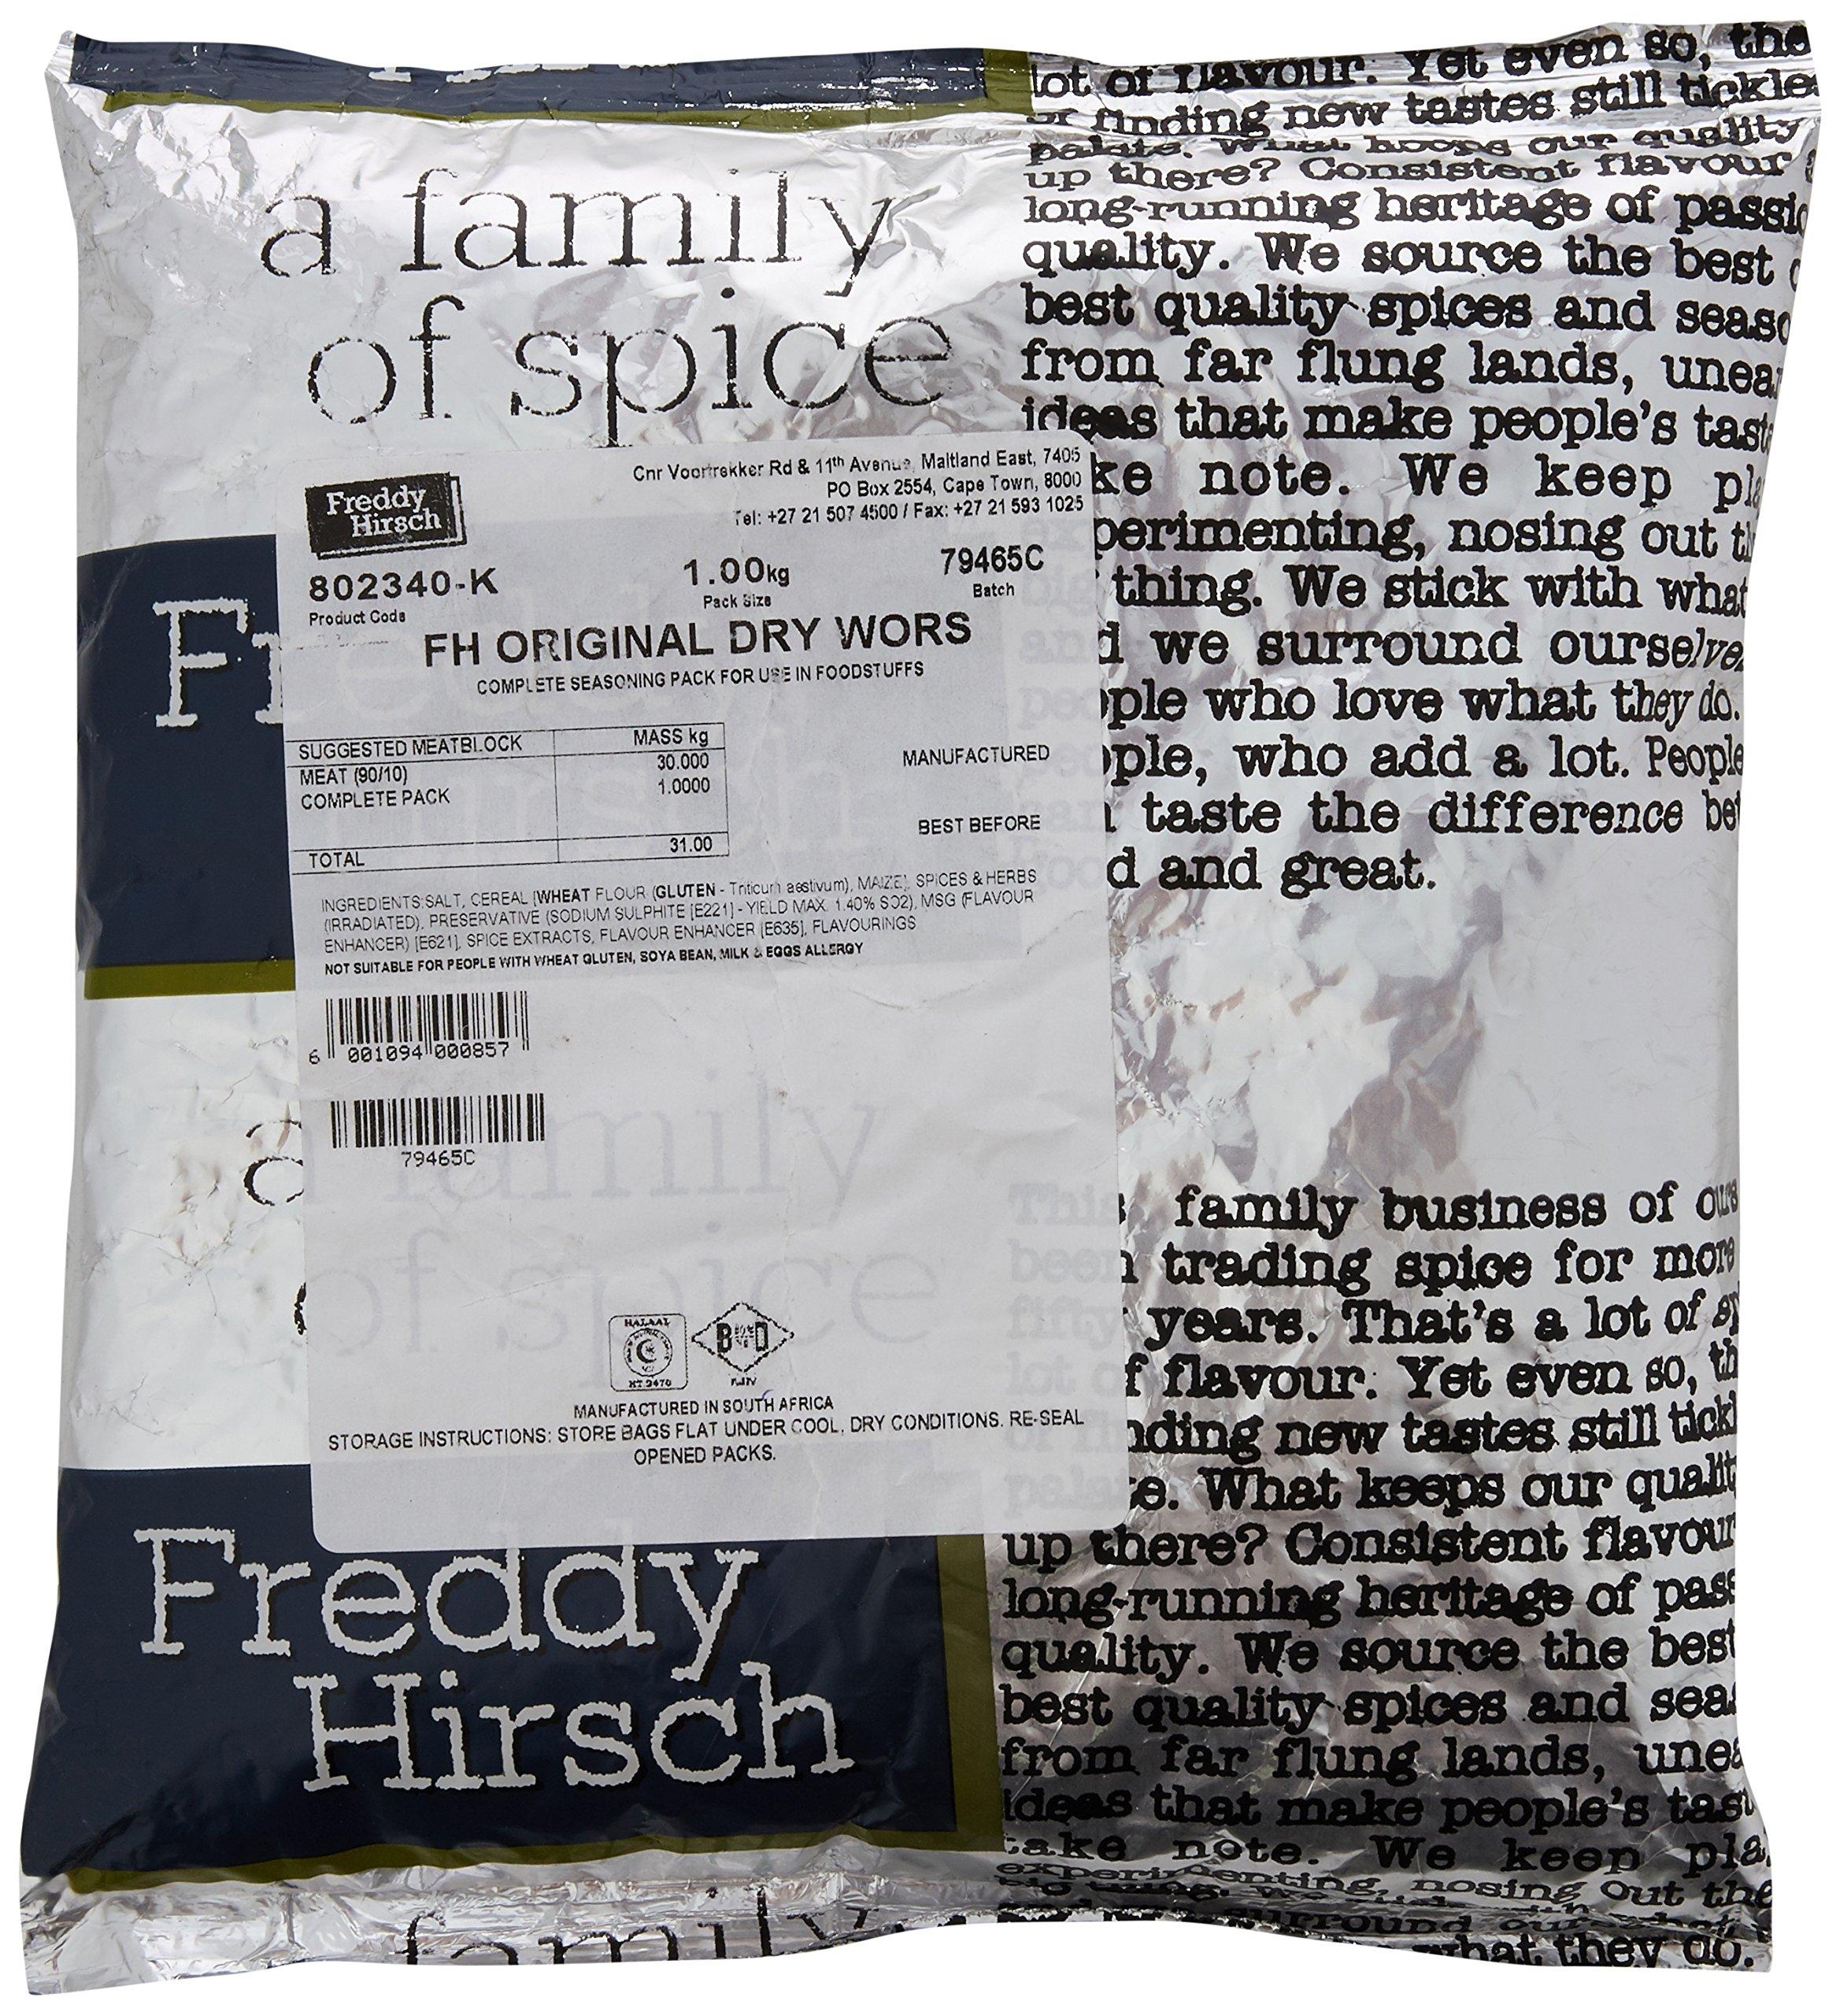 Freddy Hirsch Original Dry Wors Spice 1 kg